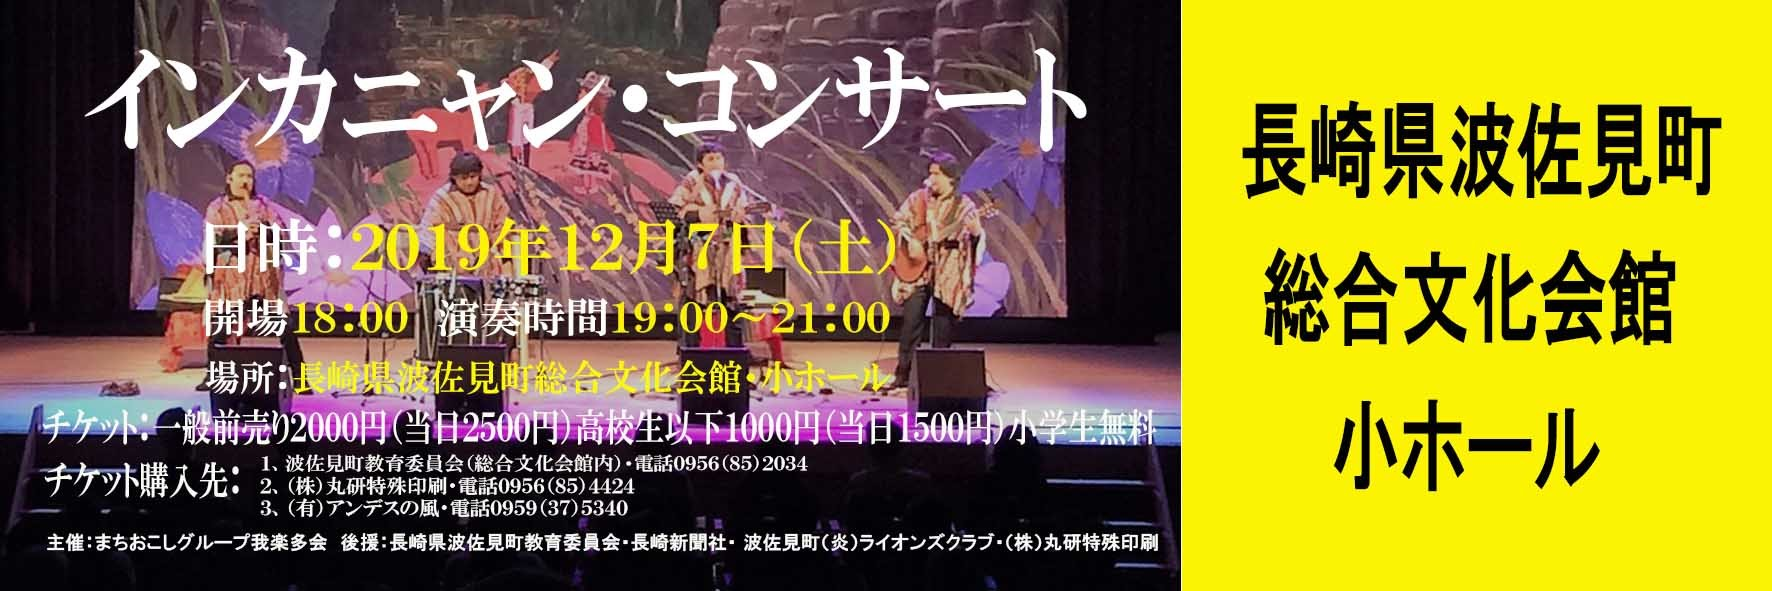 12/7(土)・12/15(日) インカニャン・コンサート情報_b0076801_1547359.jpg